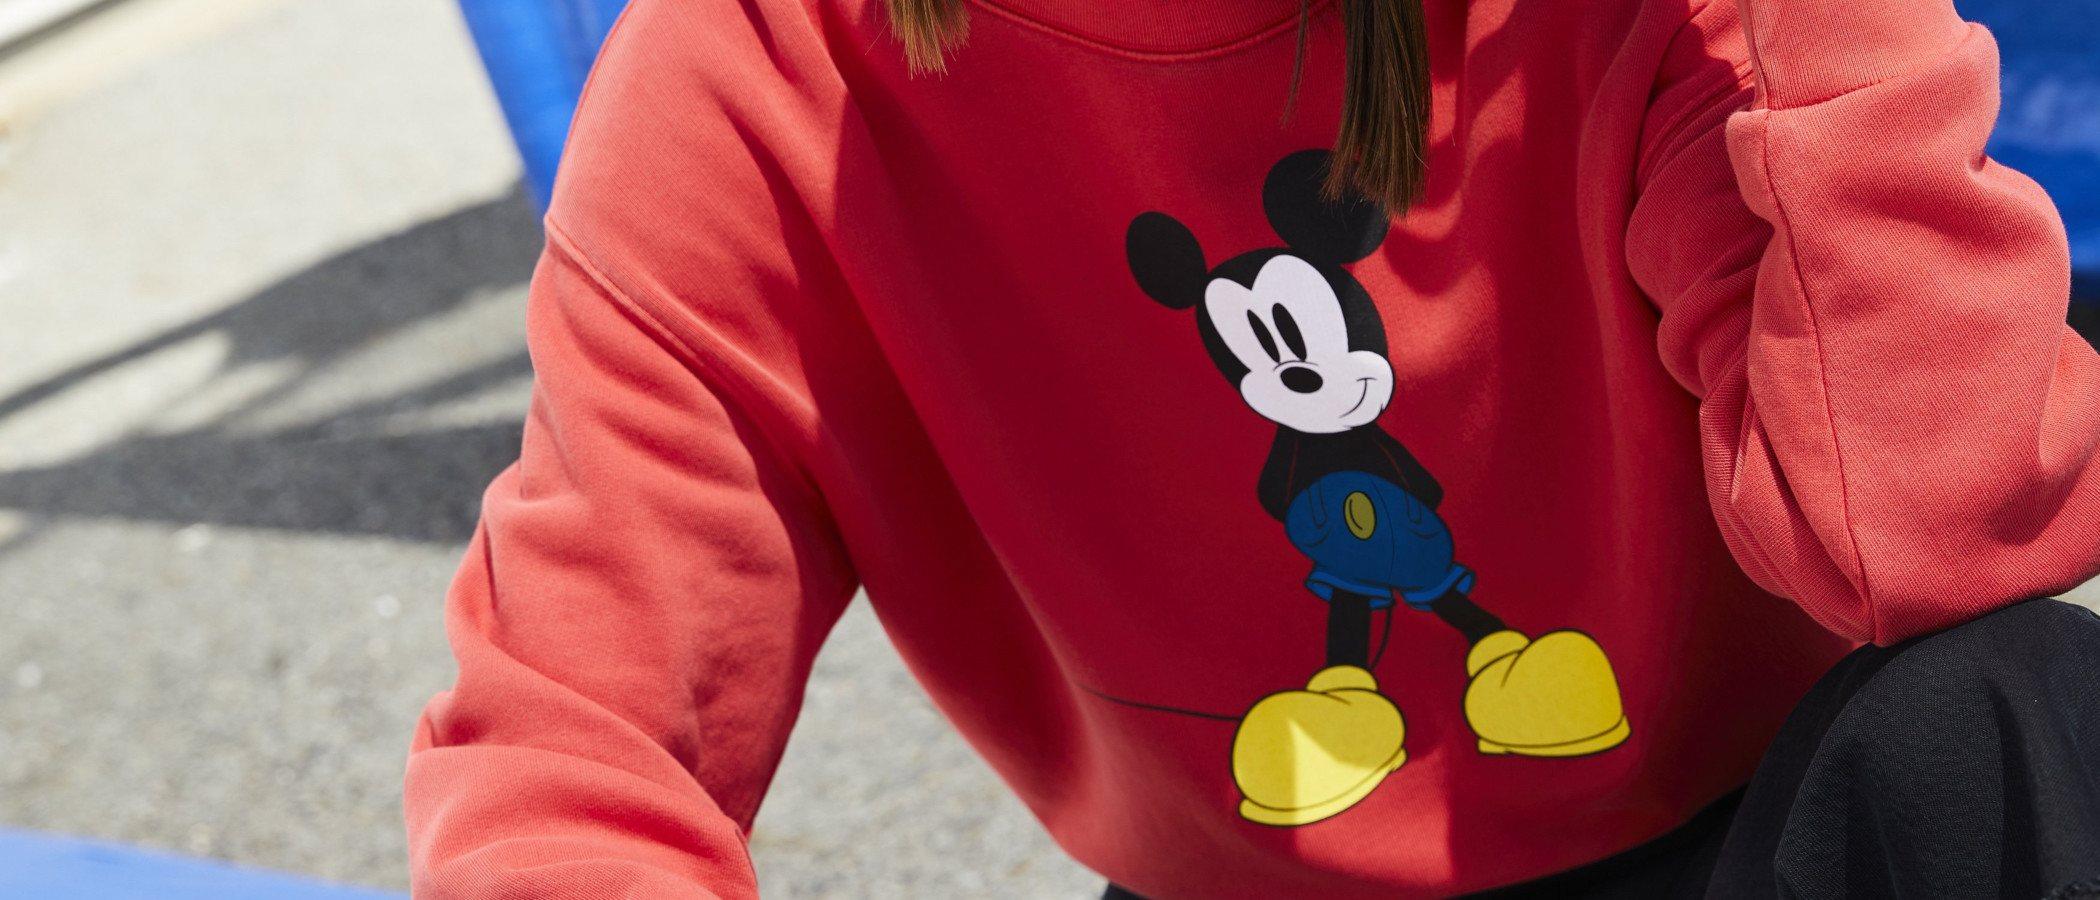 La moda se rinde a la magia de Mickey Mouse en su 90 aniversario